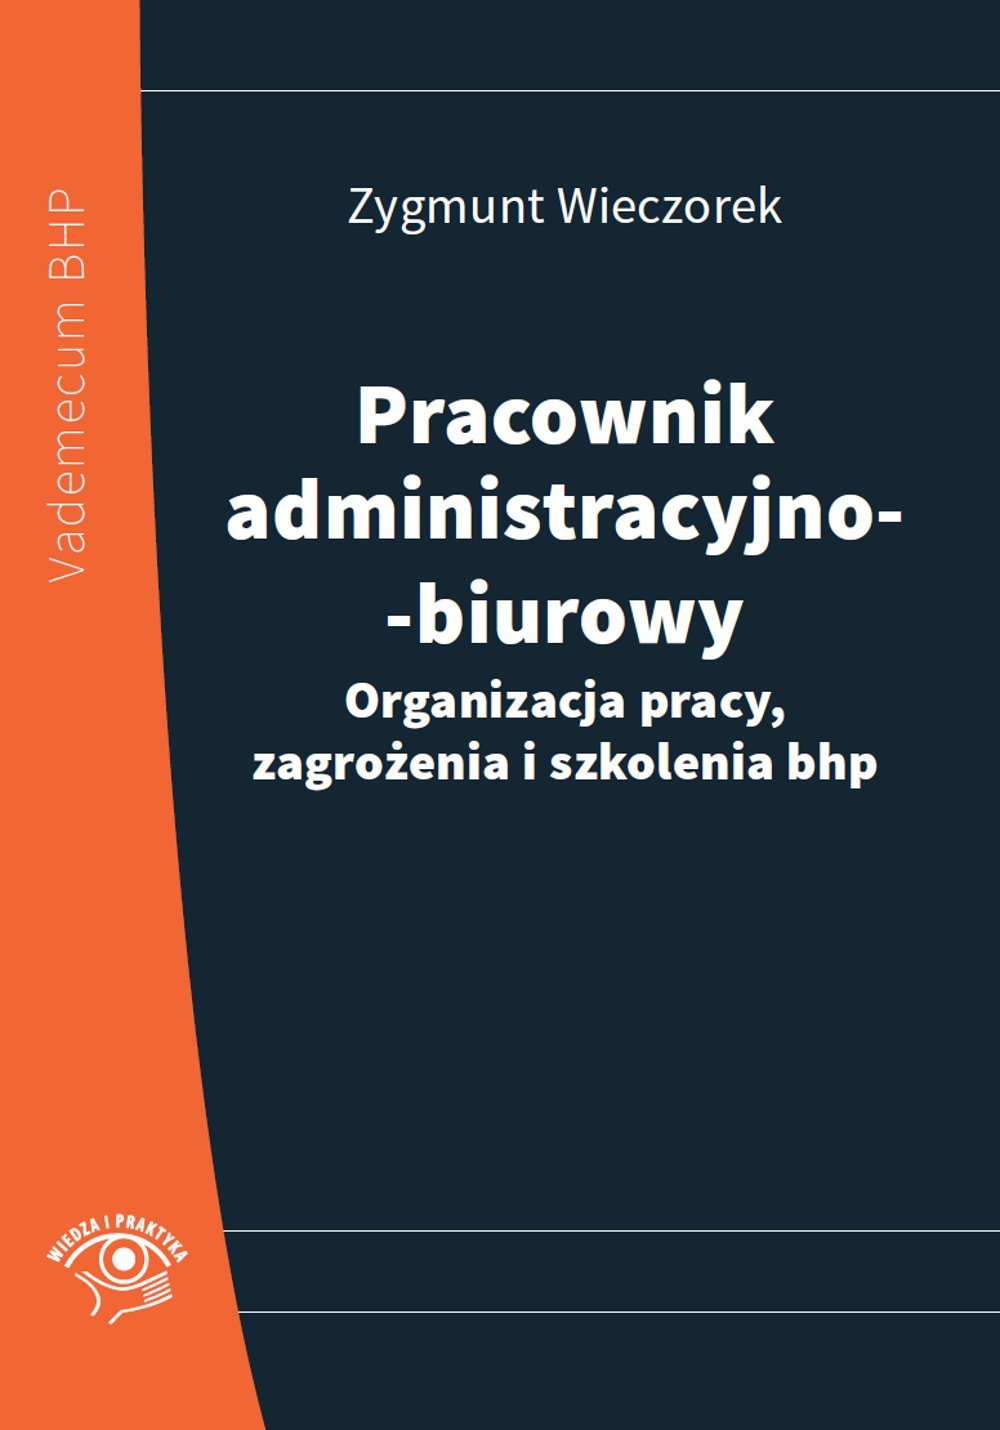 Pracownik administracyjno-biurowy. Organizacja pracy, zagrożenia i szkolenia bhp - Ebook (Książka na Kindle) do pobrania w formacie MOBI